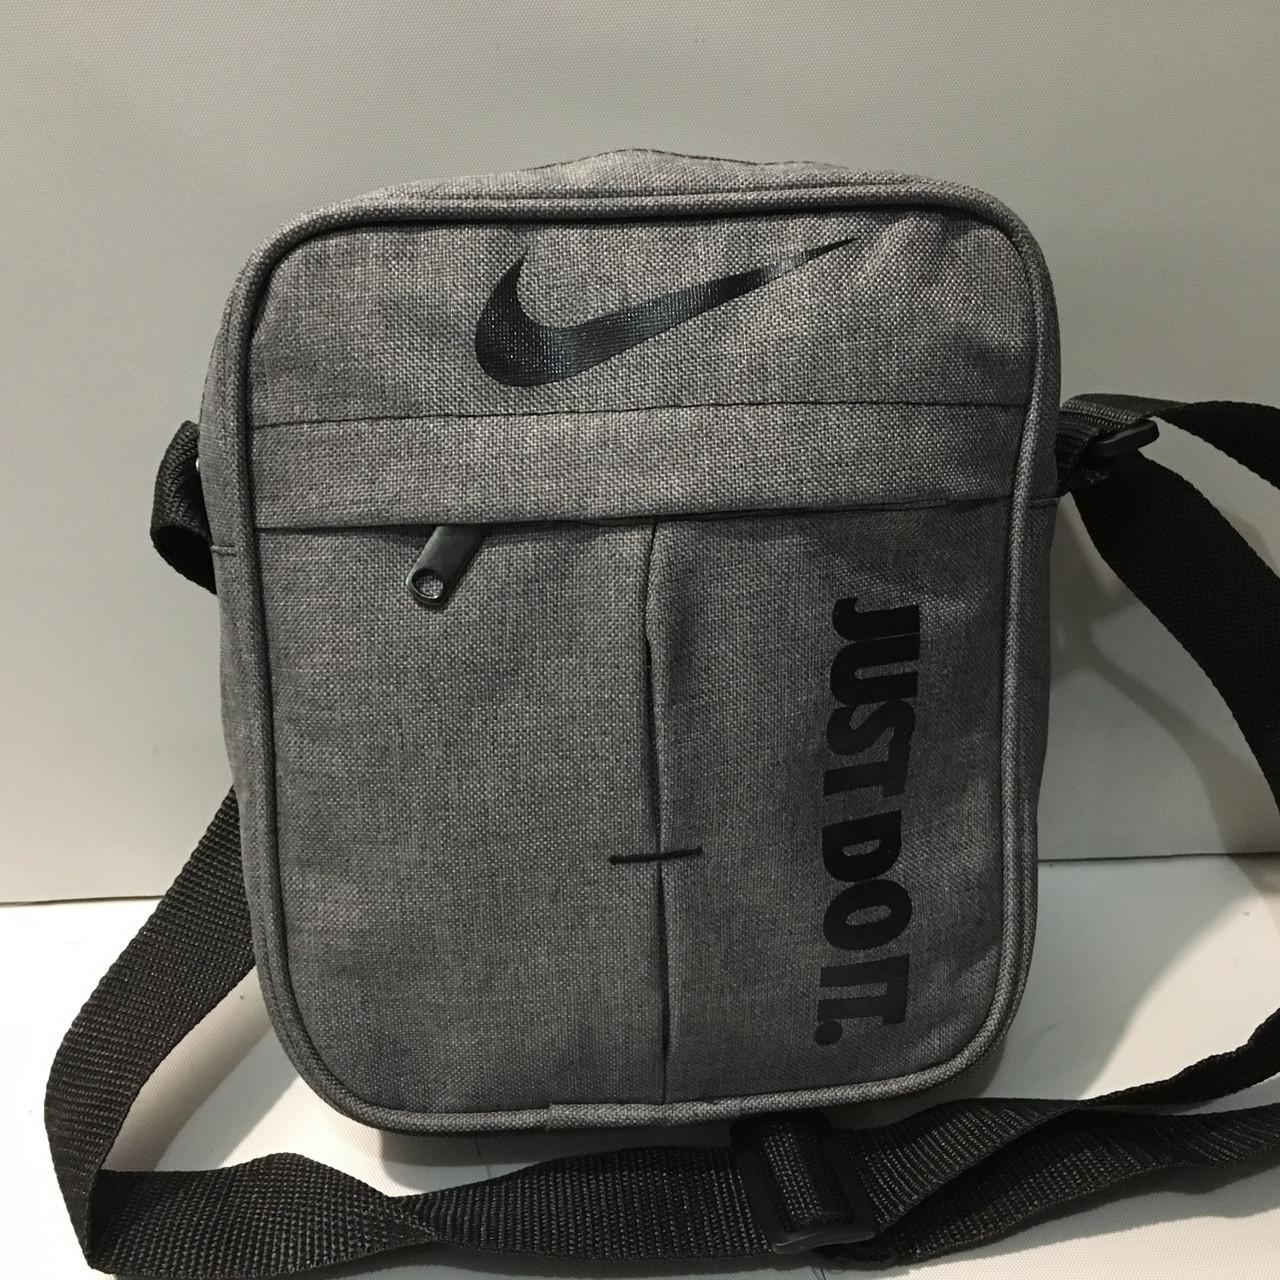 65c780a7ff4c Высококачественная мужская сумка через плече. Удобная, практичная сумка. Мужская  сумка Nike (7